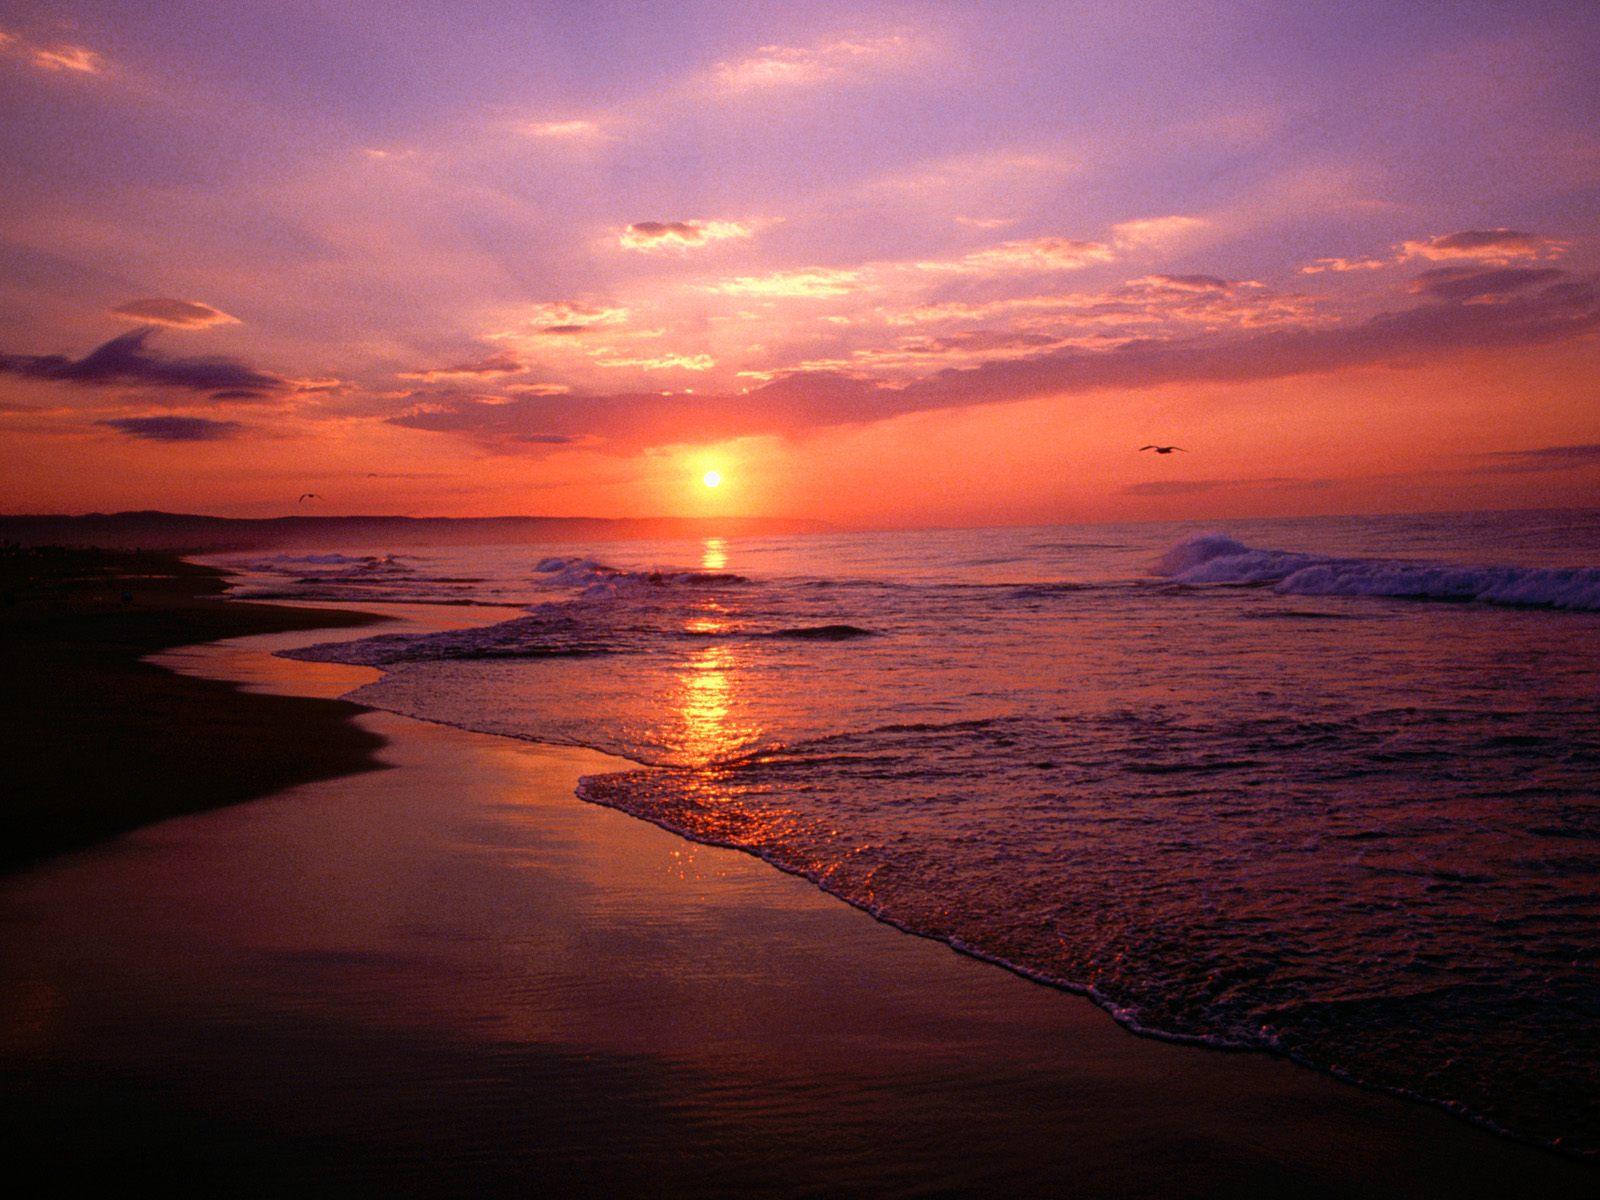 Beach Sunrise California Beach Wallpaper Beach Wallpaper Backgrounds 1600x1200